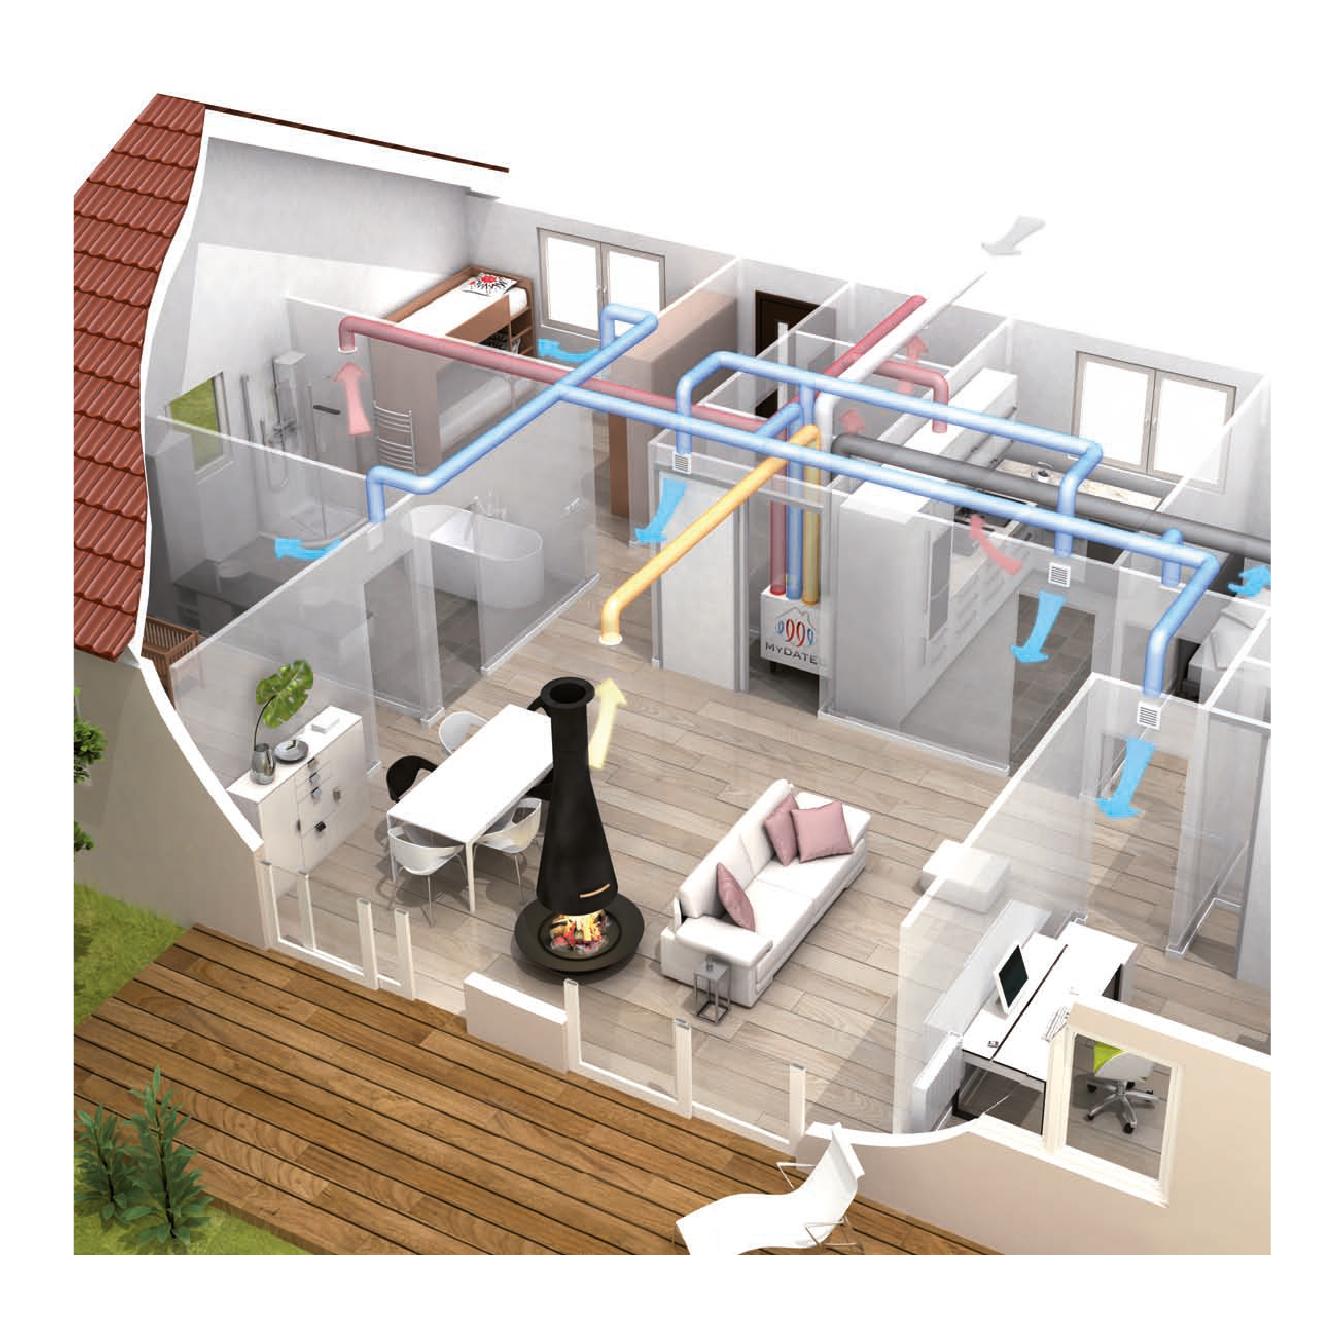 Vmc termodinamica thermoeasy - Ricircolo aria casa ...